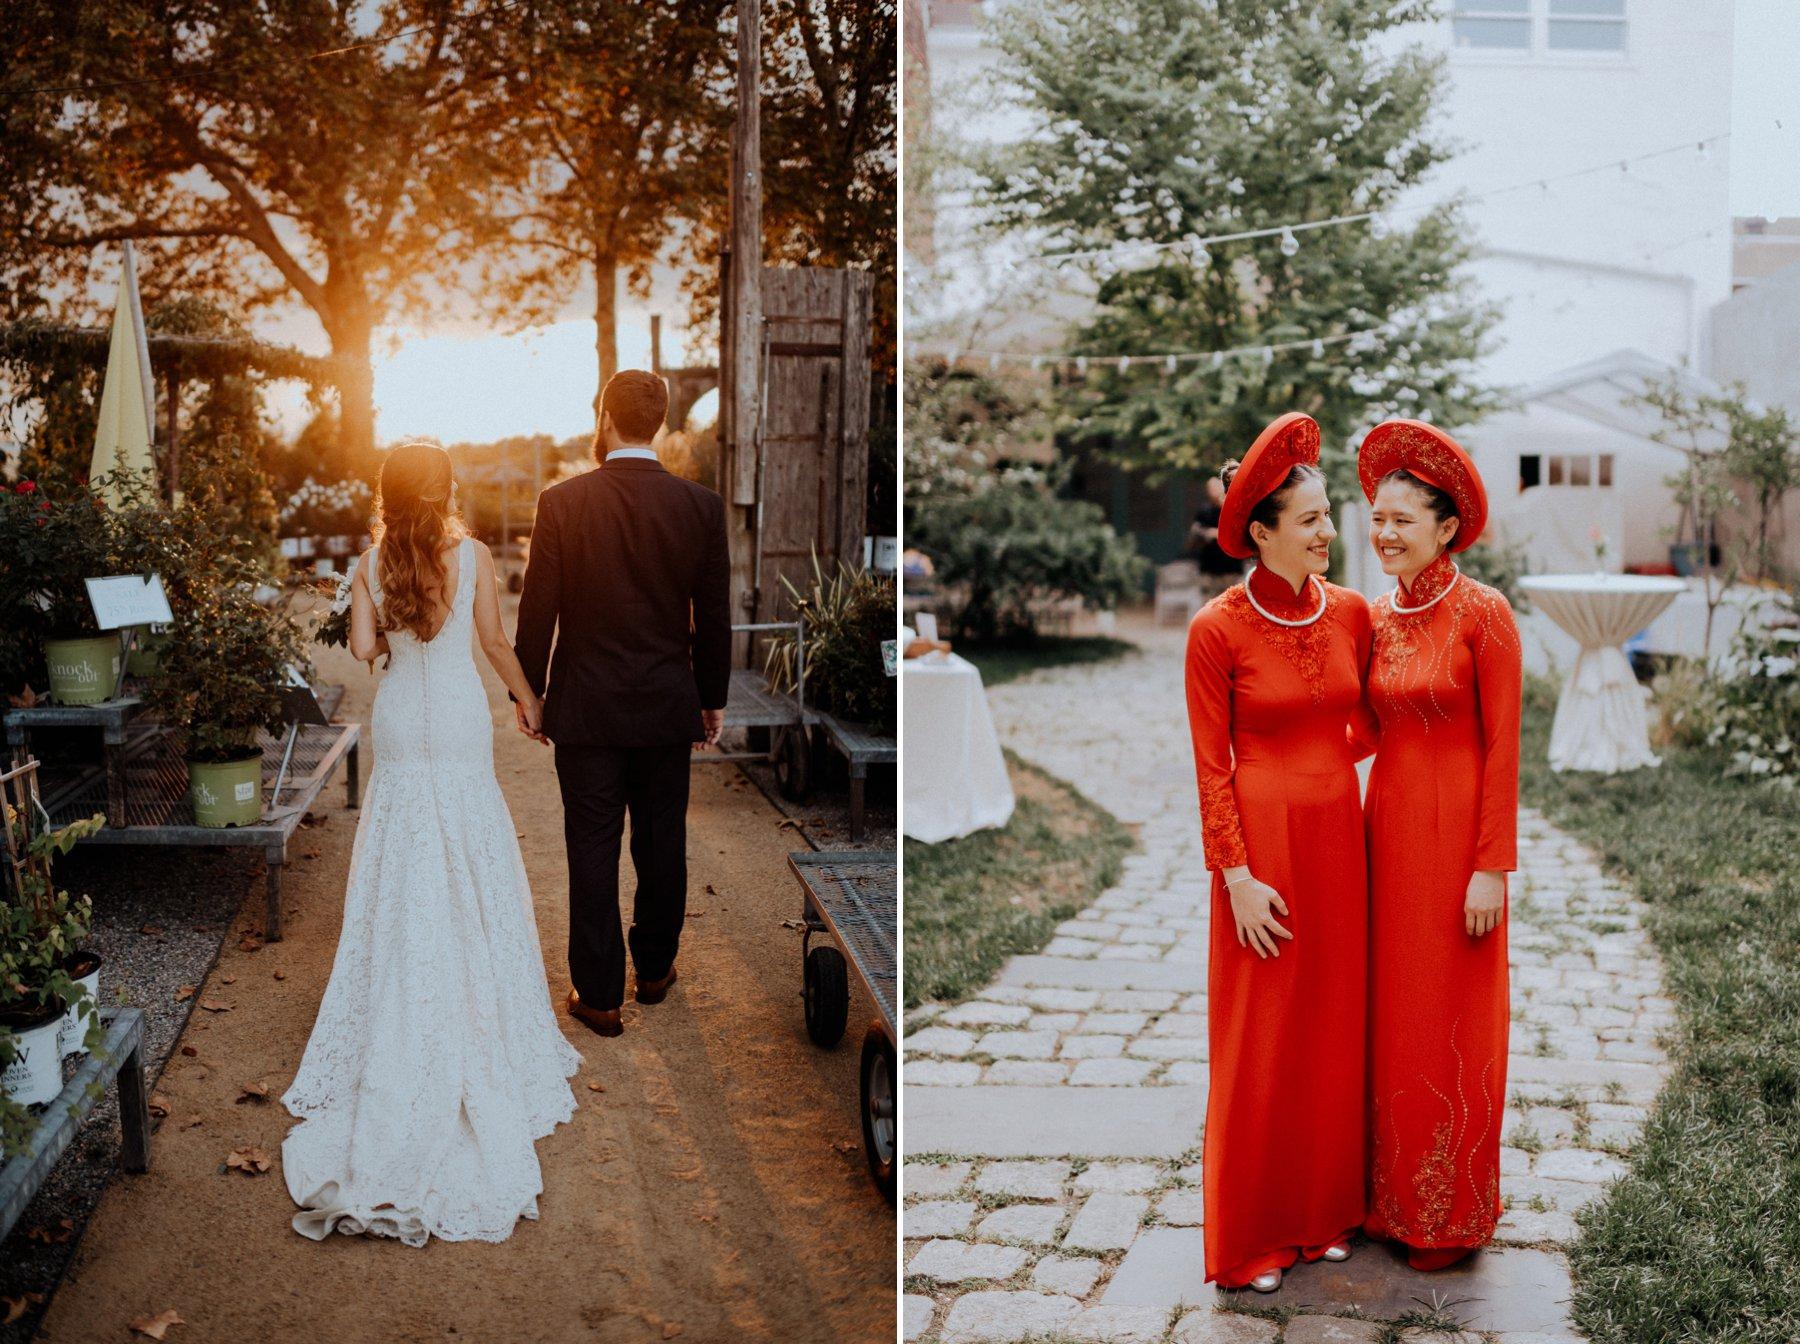 064-040-terrain-wedding-20.jpg